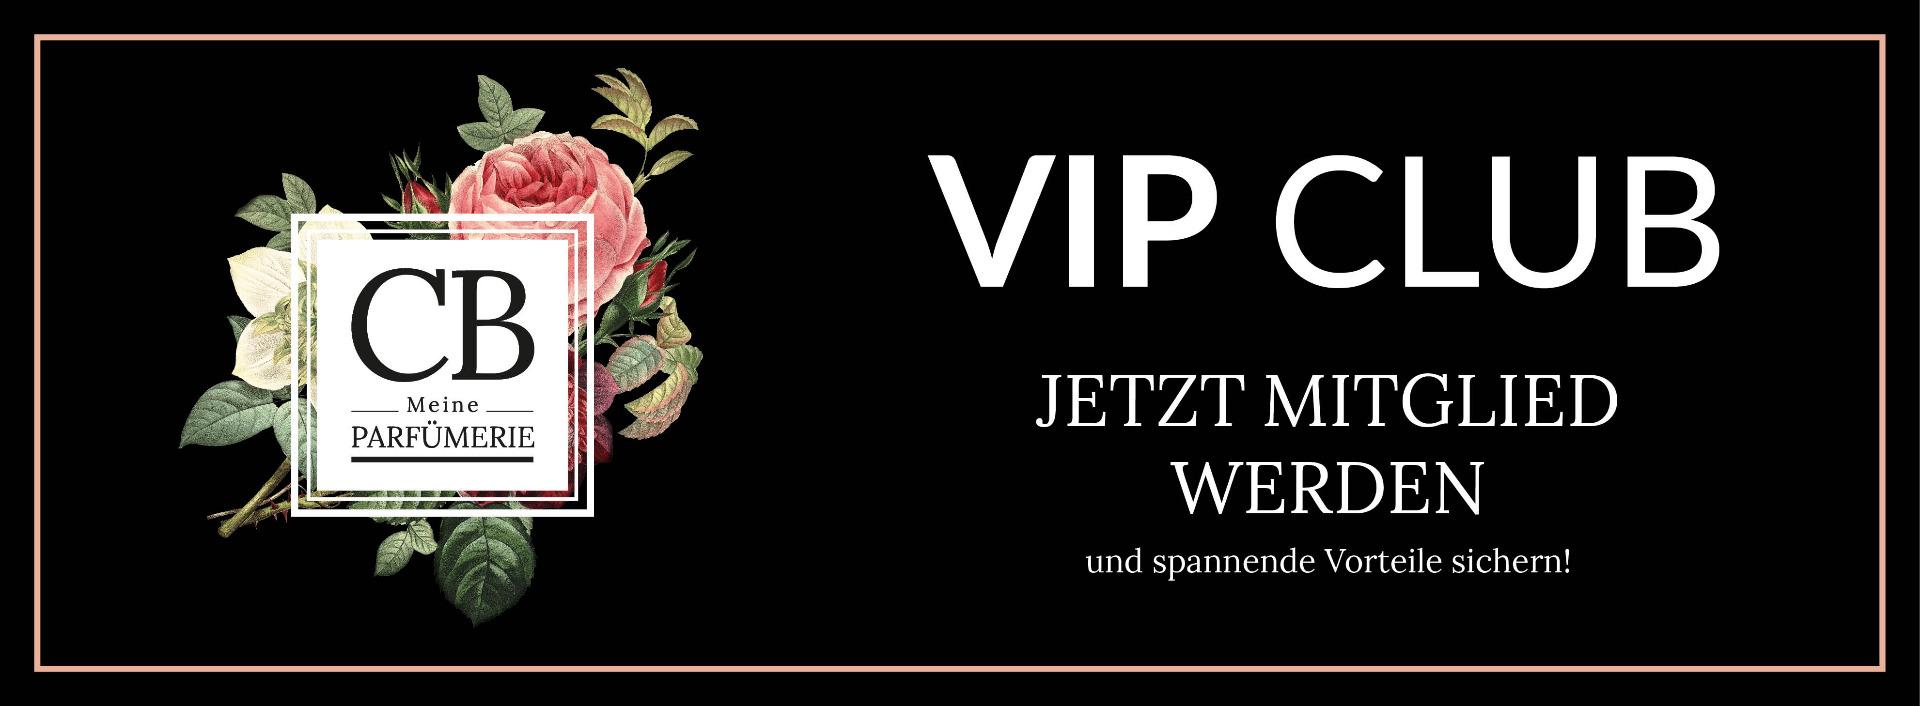 VIP Club | Parfümerie CB